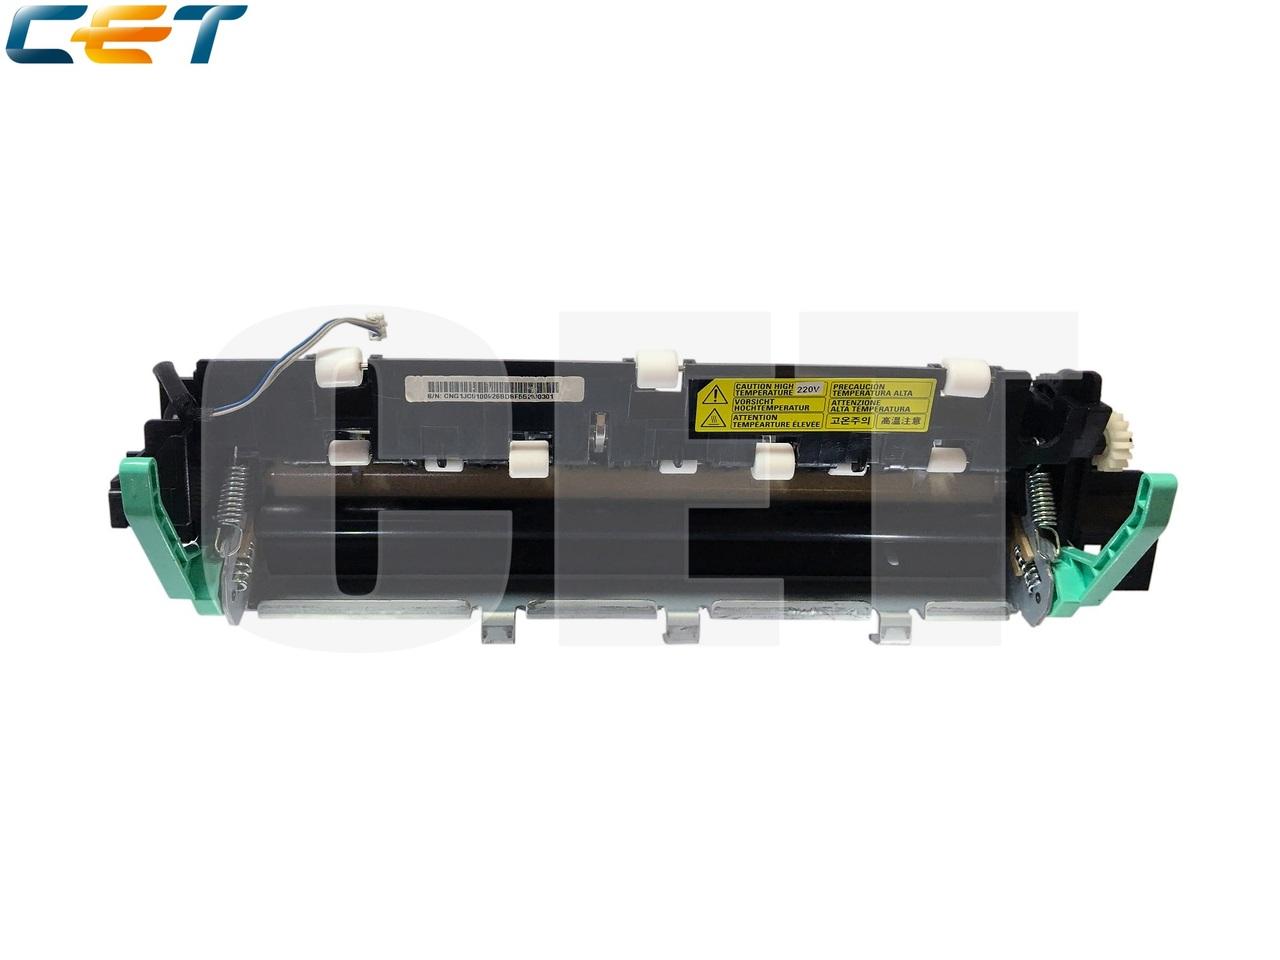 Фьюзер (печка) в сборе JC96-05132A для SAMSUNGSCX-4824/4828 (CET), (восстановленный), DGP7504